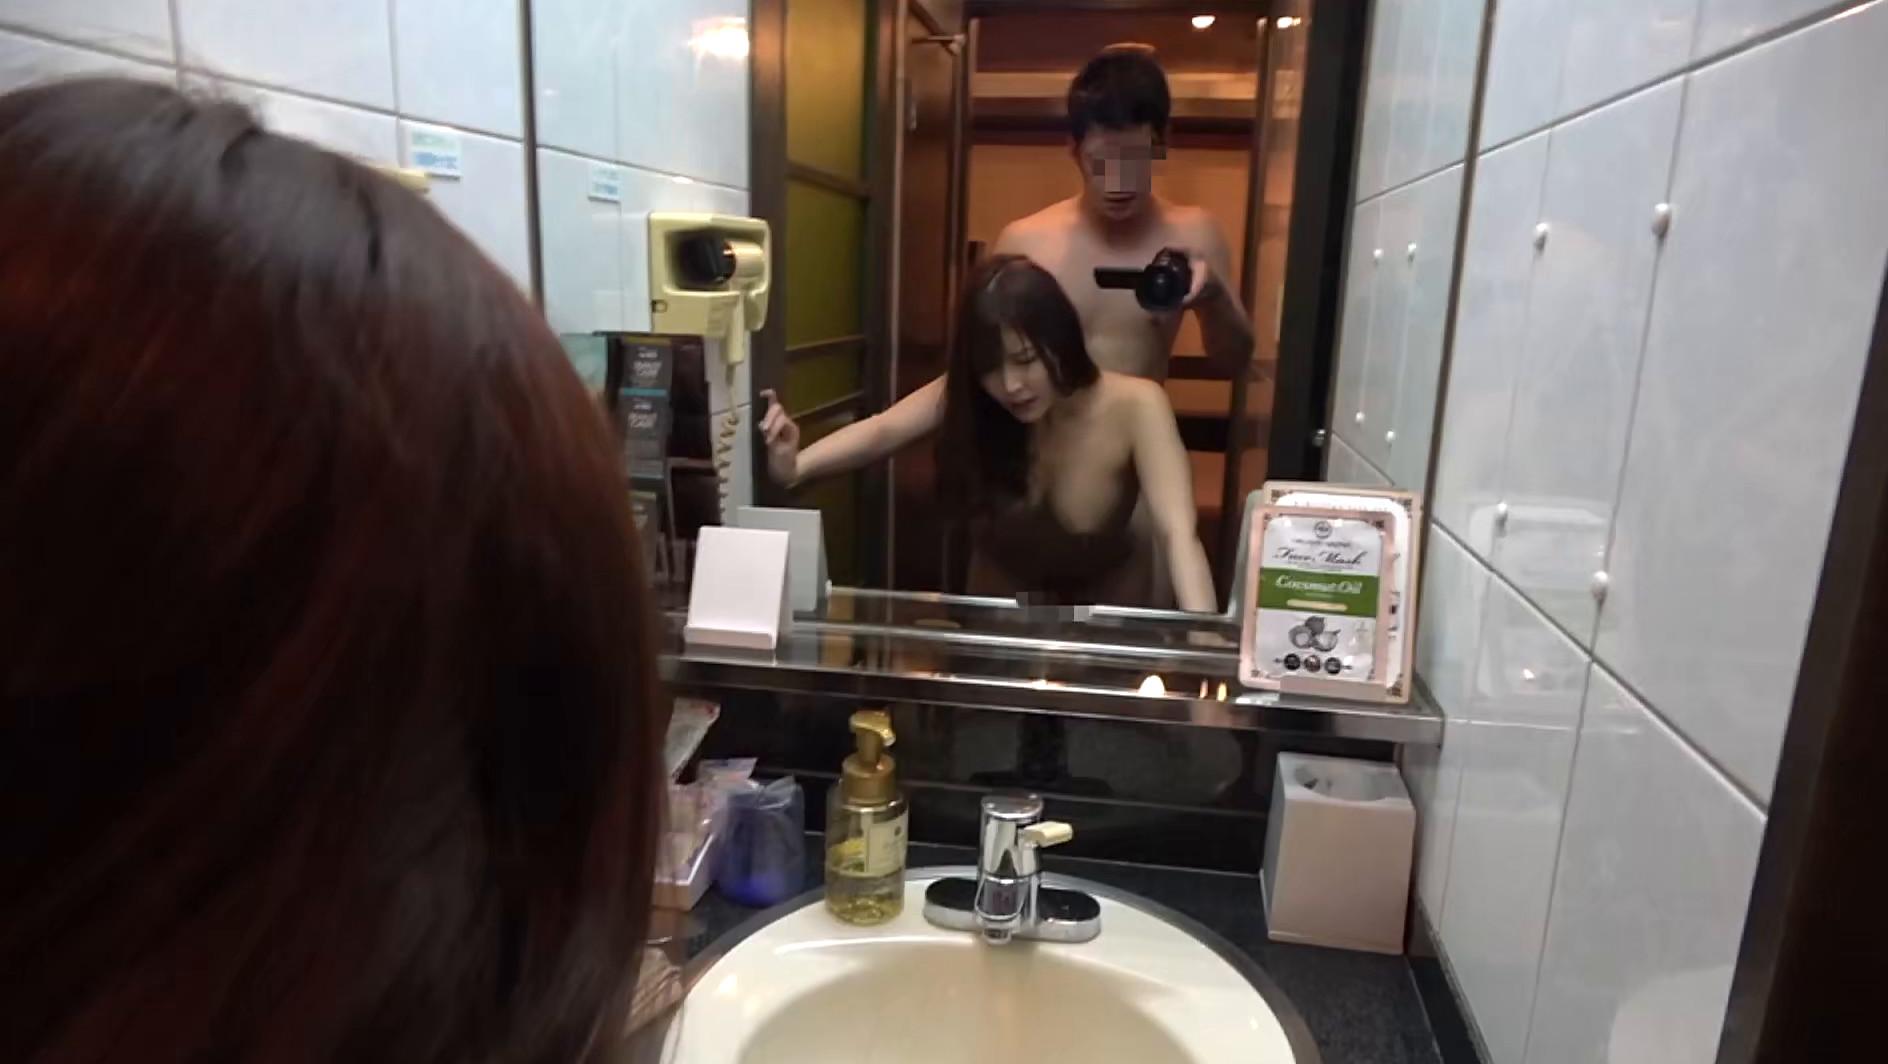 浮気に目覚めた人妻がホテルで浮気相手と濃厚SEX,のサンプル画像8